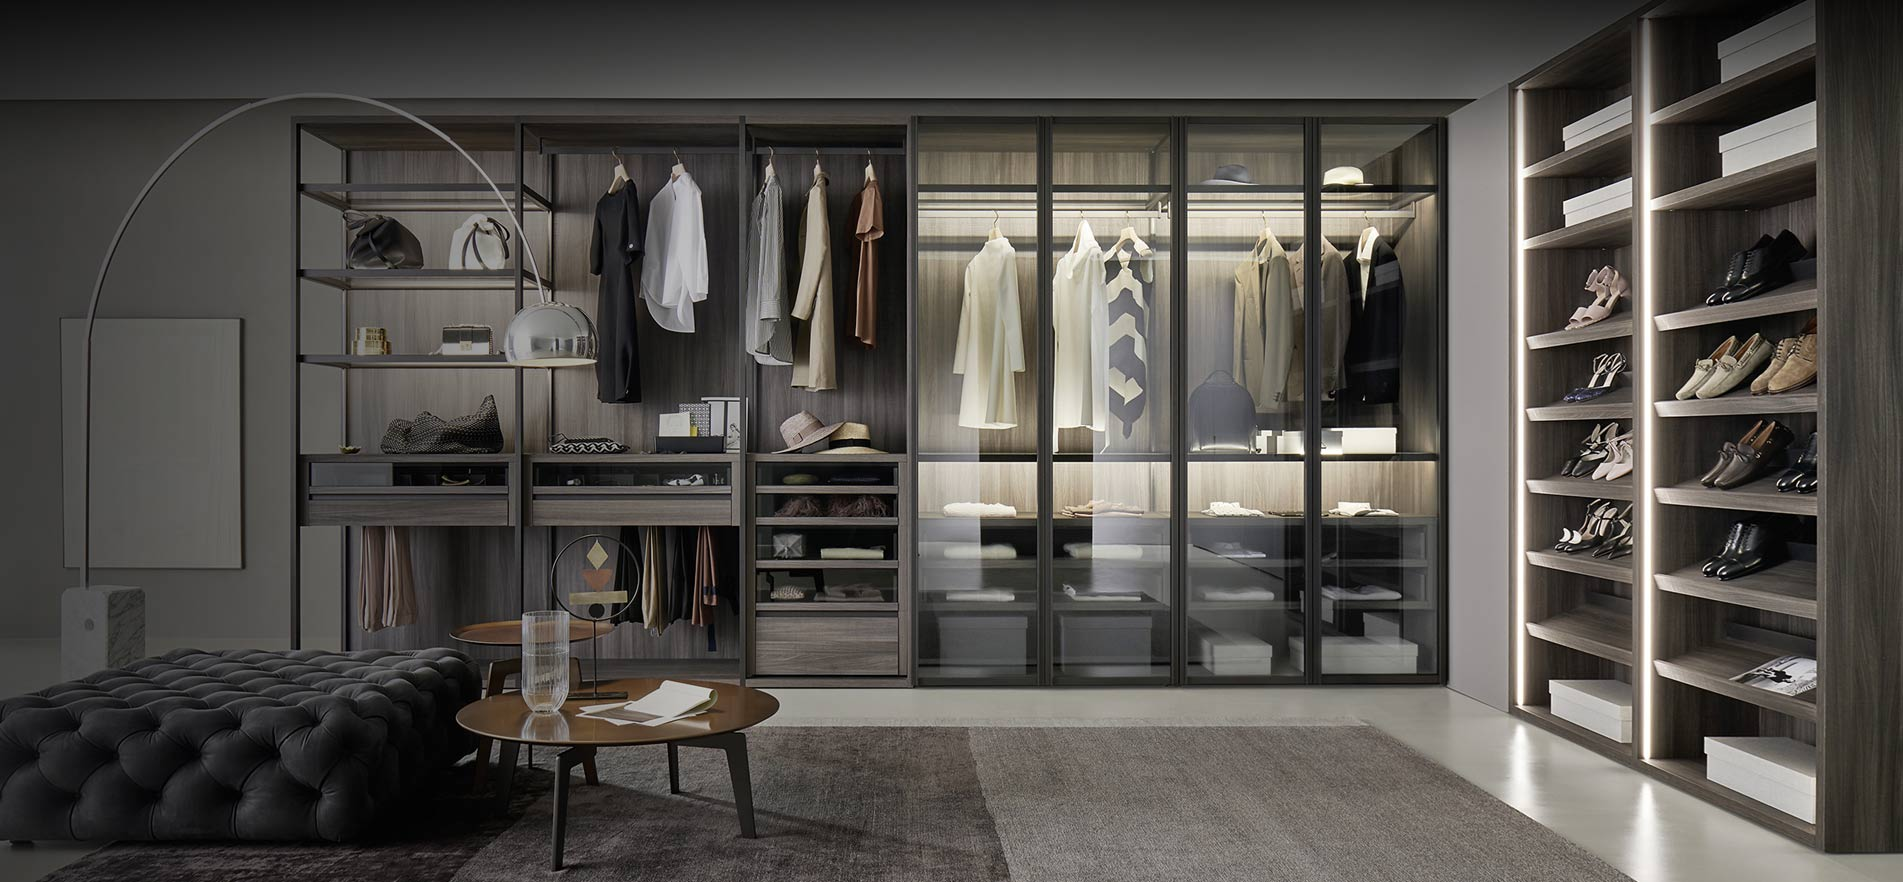 Design begehbare Kleiderschränke